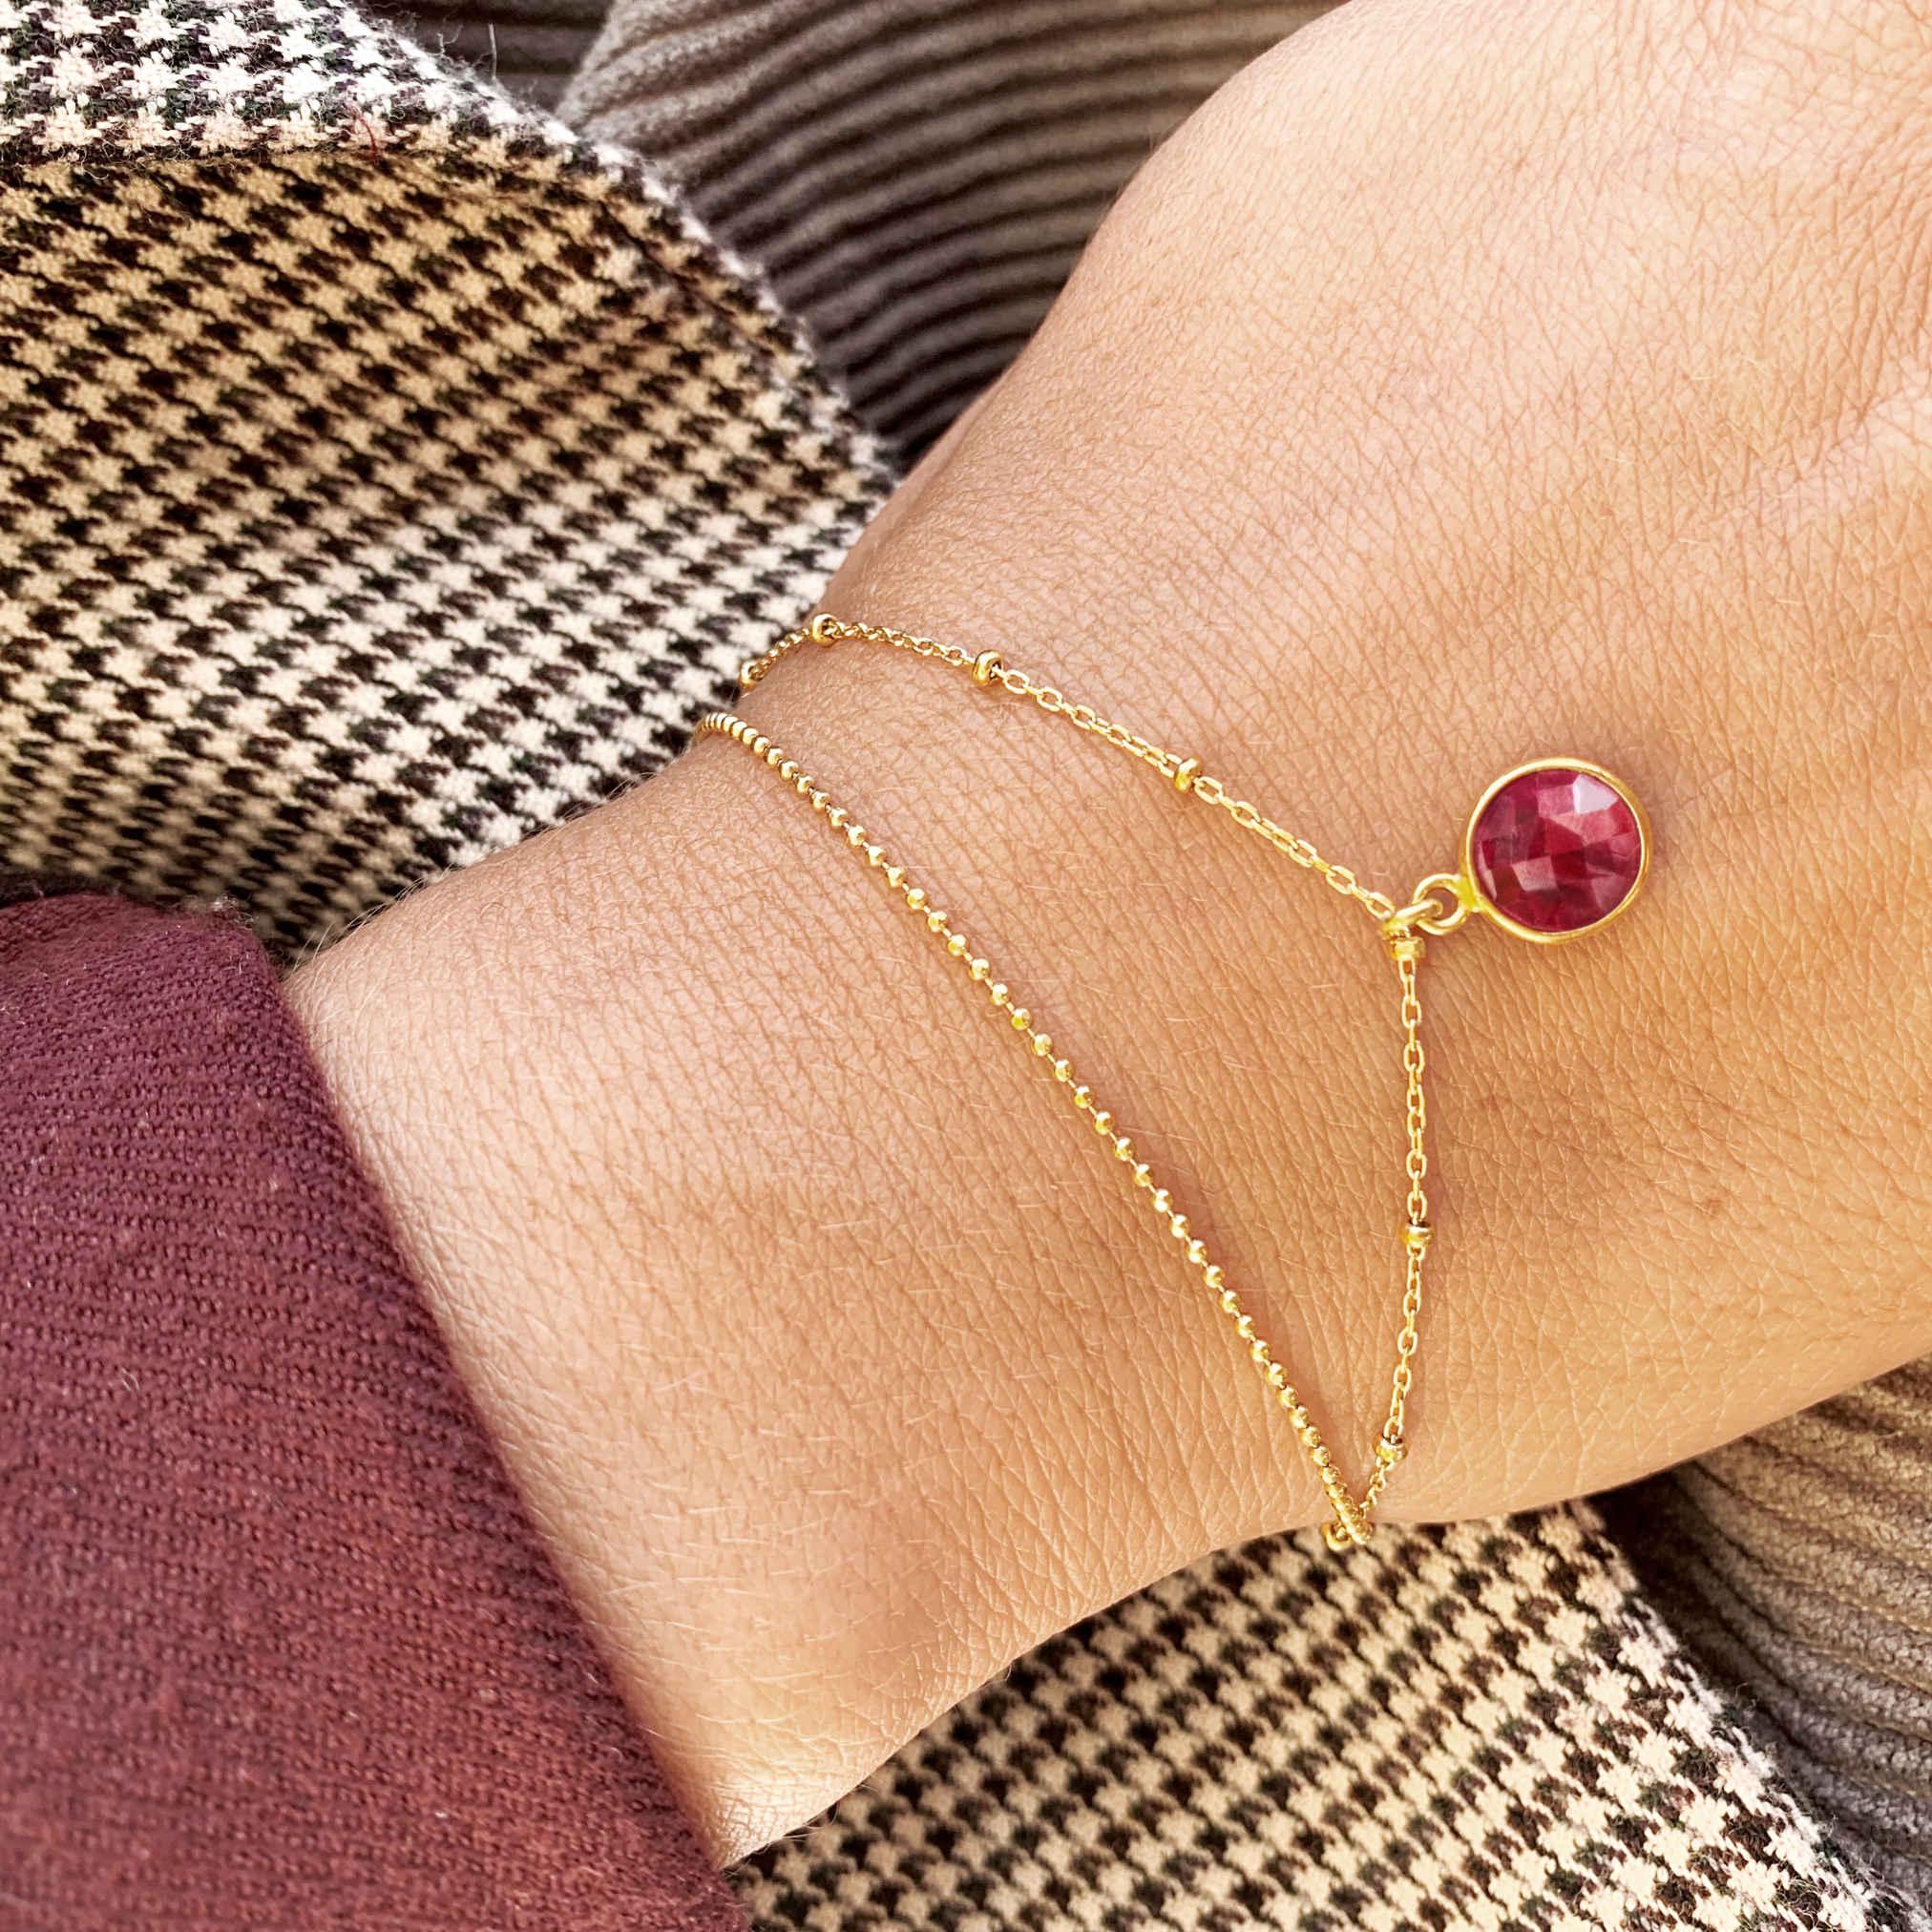 Armkette gold mit Rubin Stein monchic